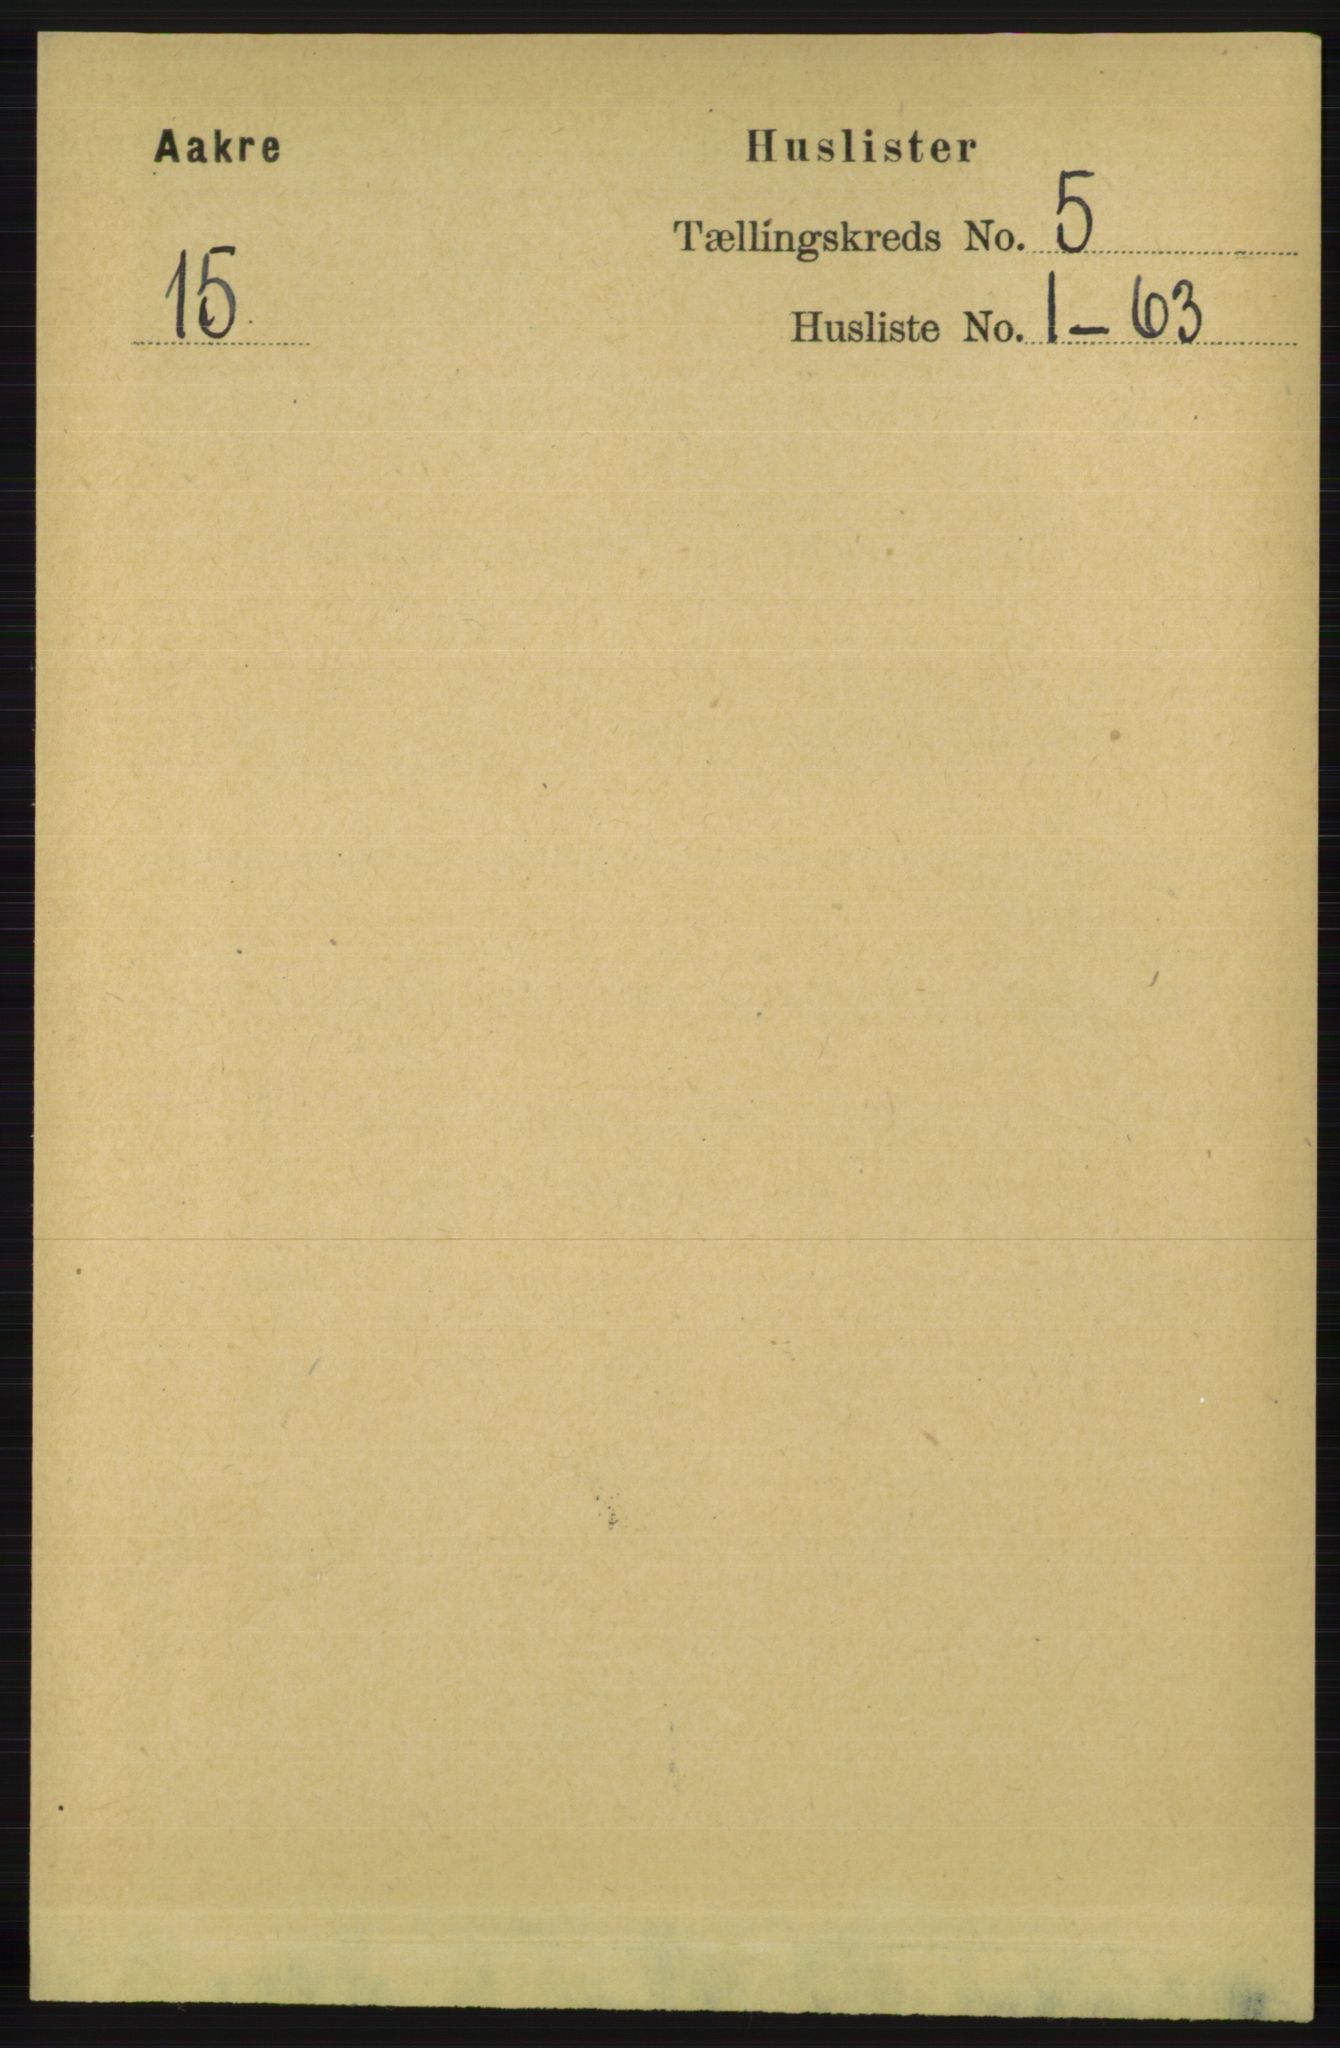 RA, Folketelling 1891 for 1150 Skudenes herred, 1891, s. 5165